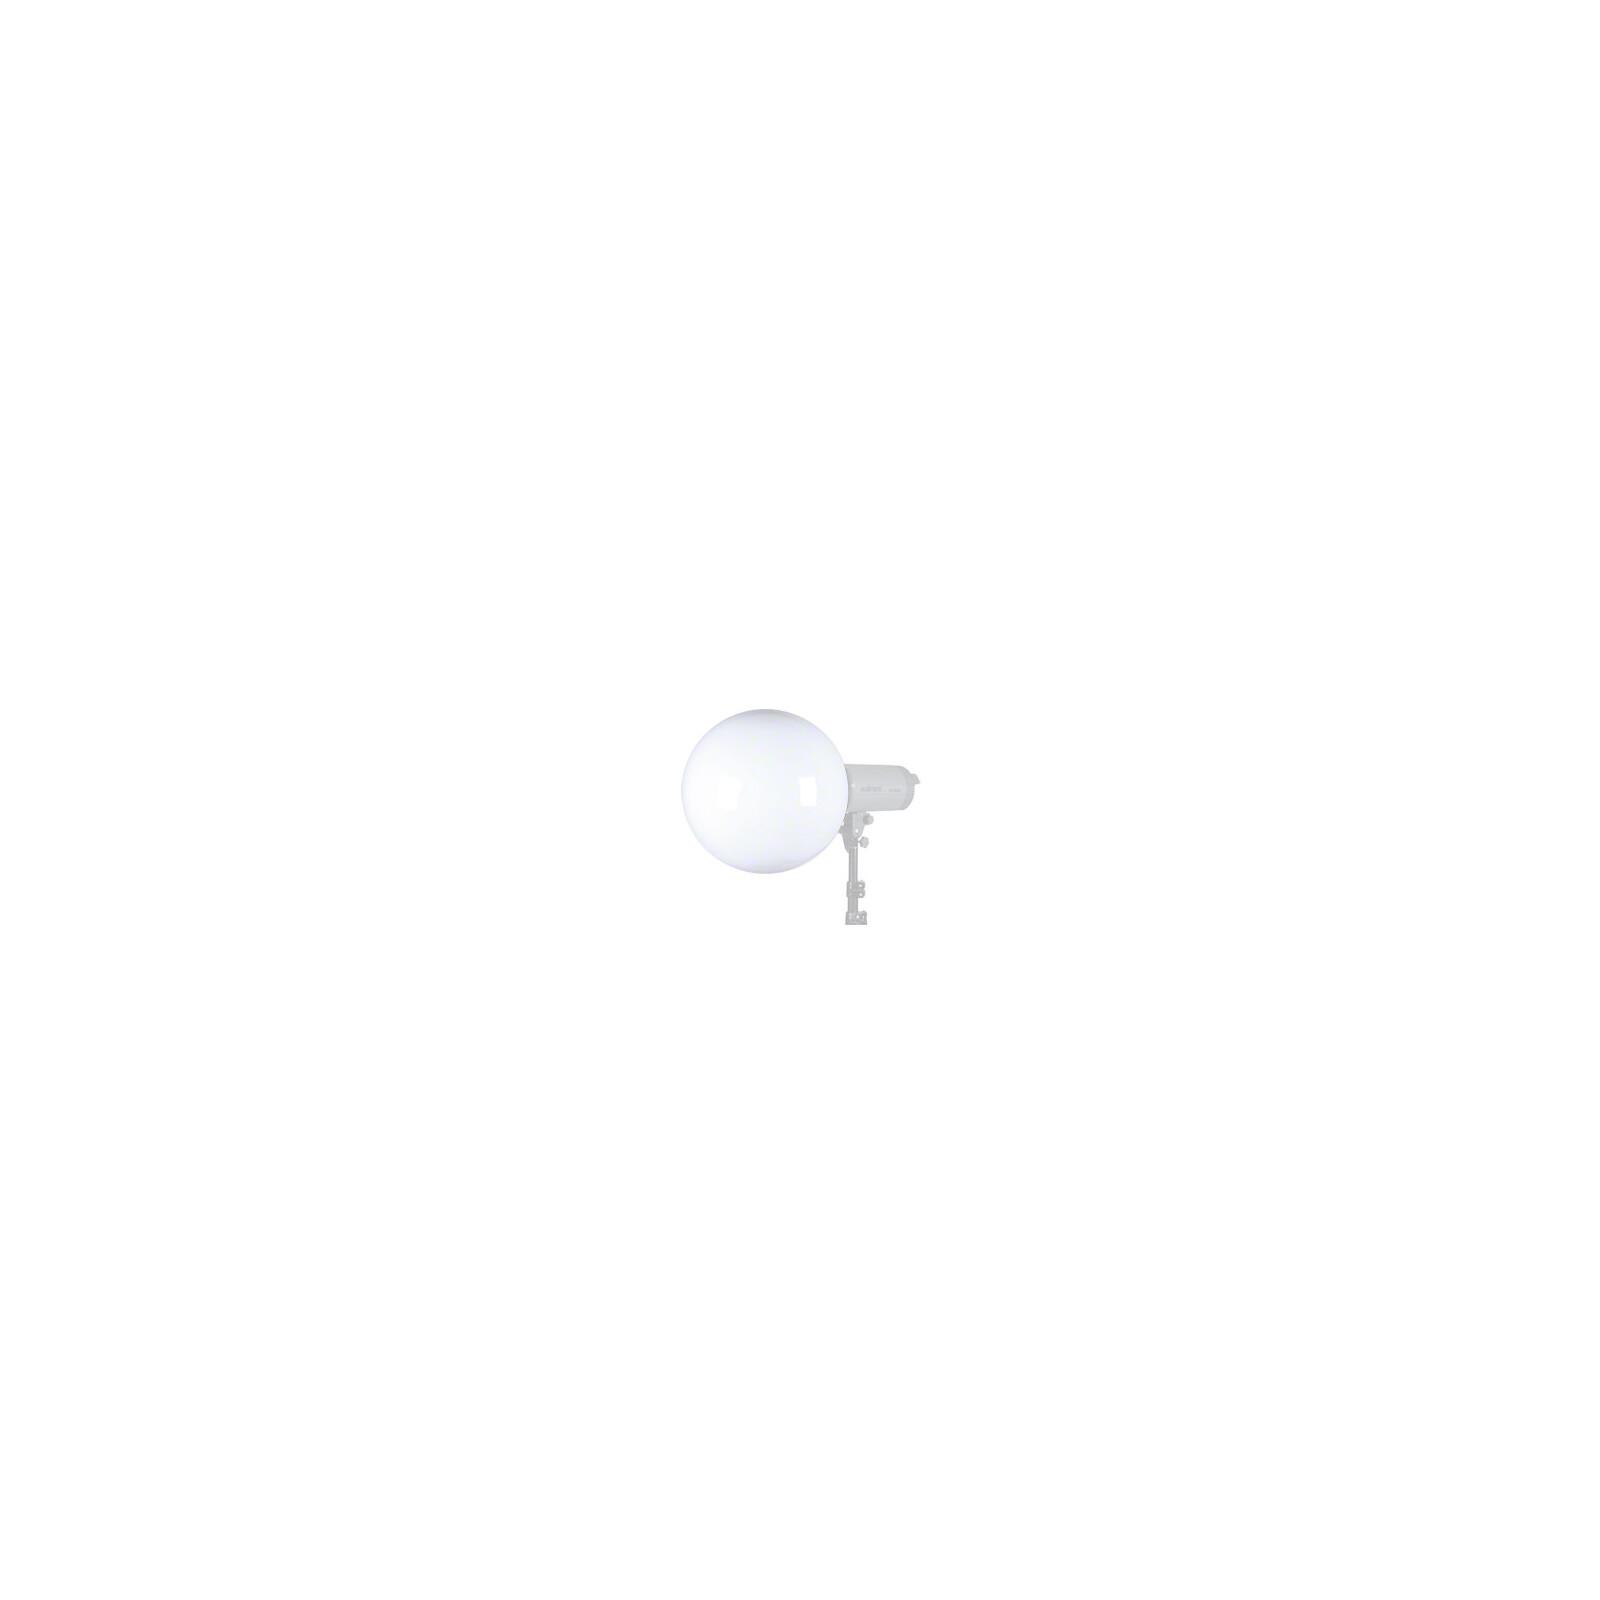 walimex Universal Diffusorkugel, 30cm Mulitblitz P